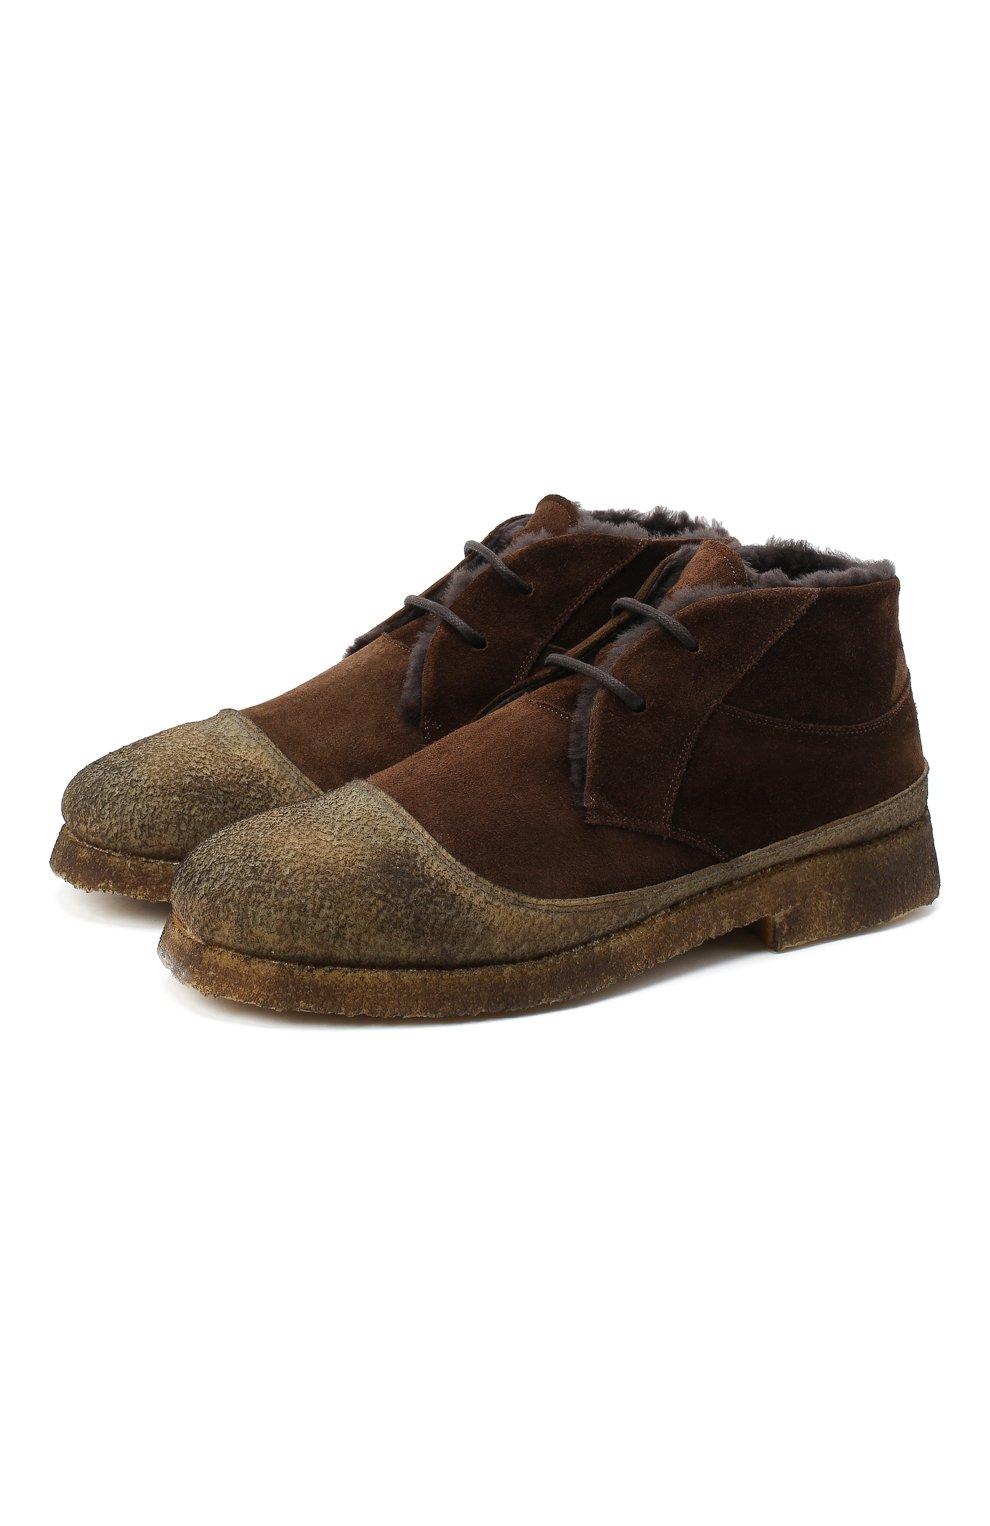 Мужские комбинированные ботинки ROCCO P. темно-коричневого цвета, арт. 9300/SENS0RY | Фото 1